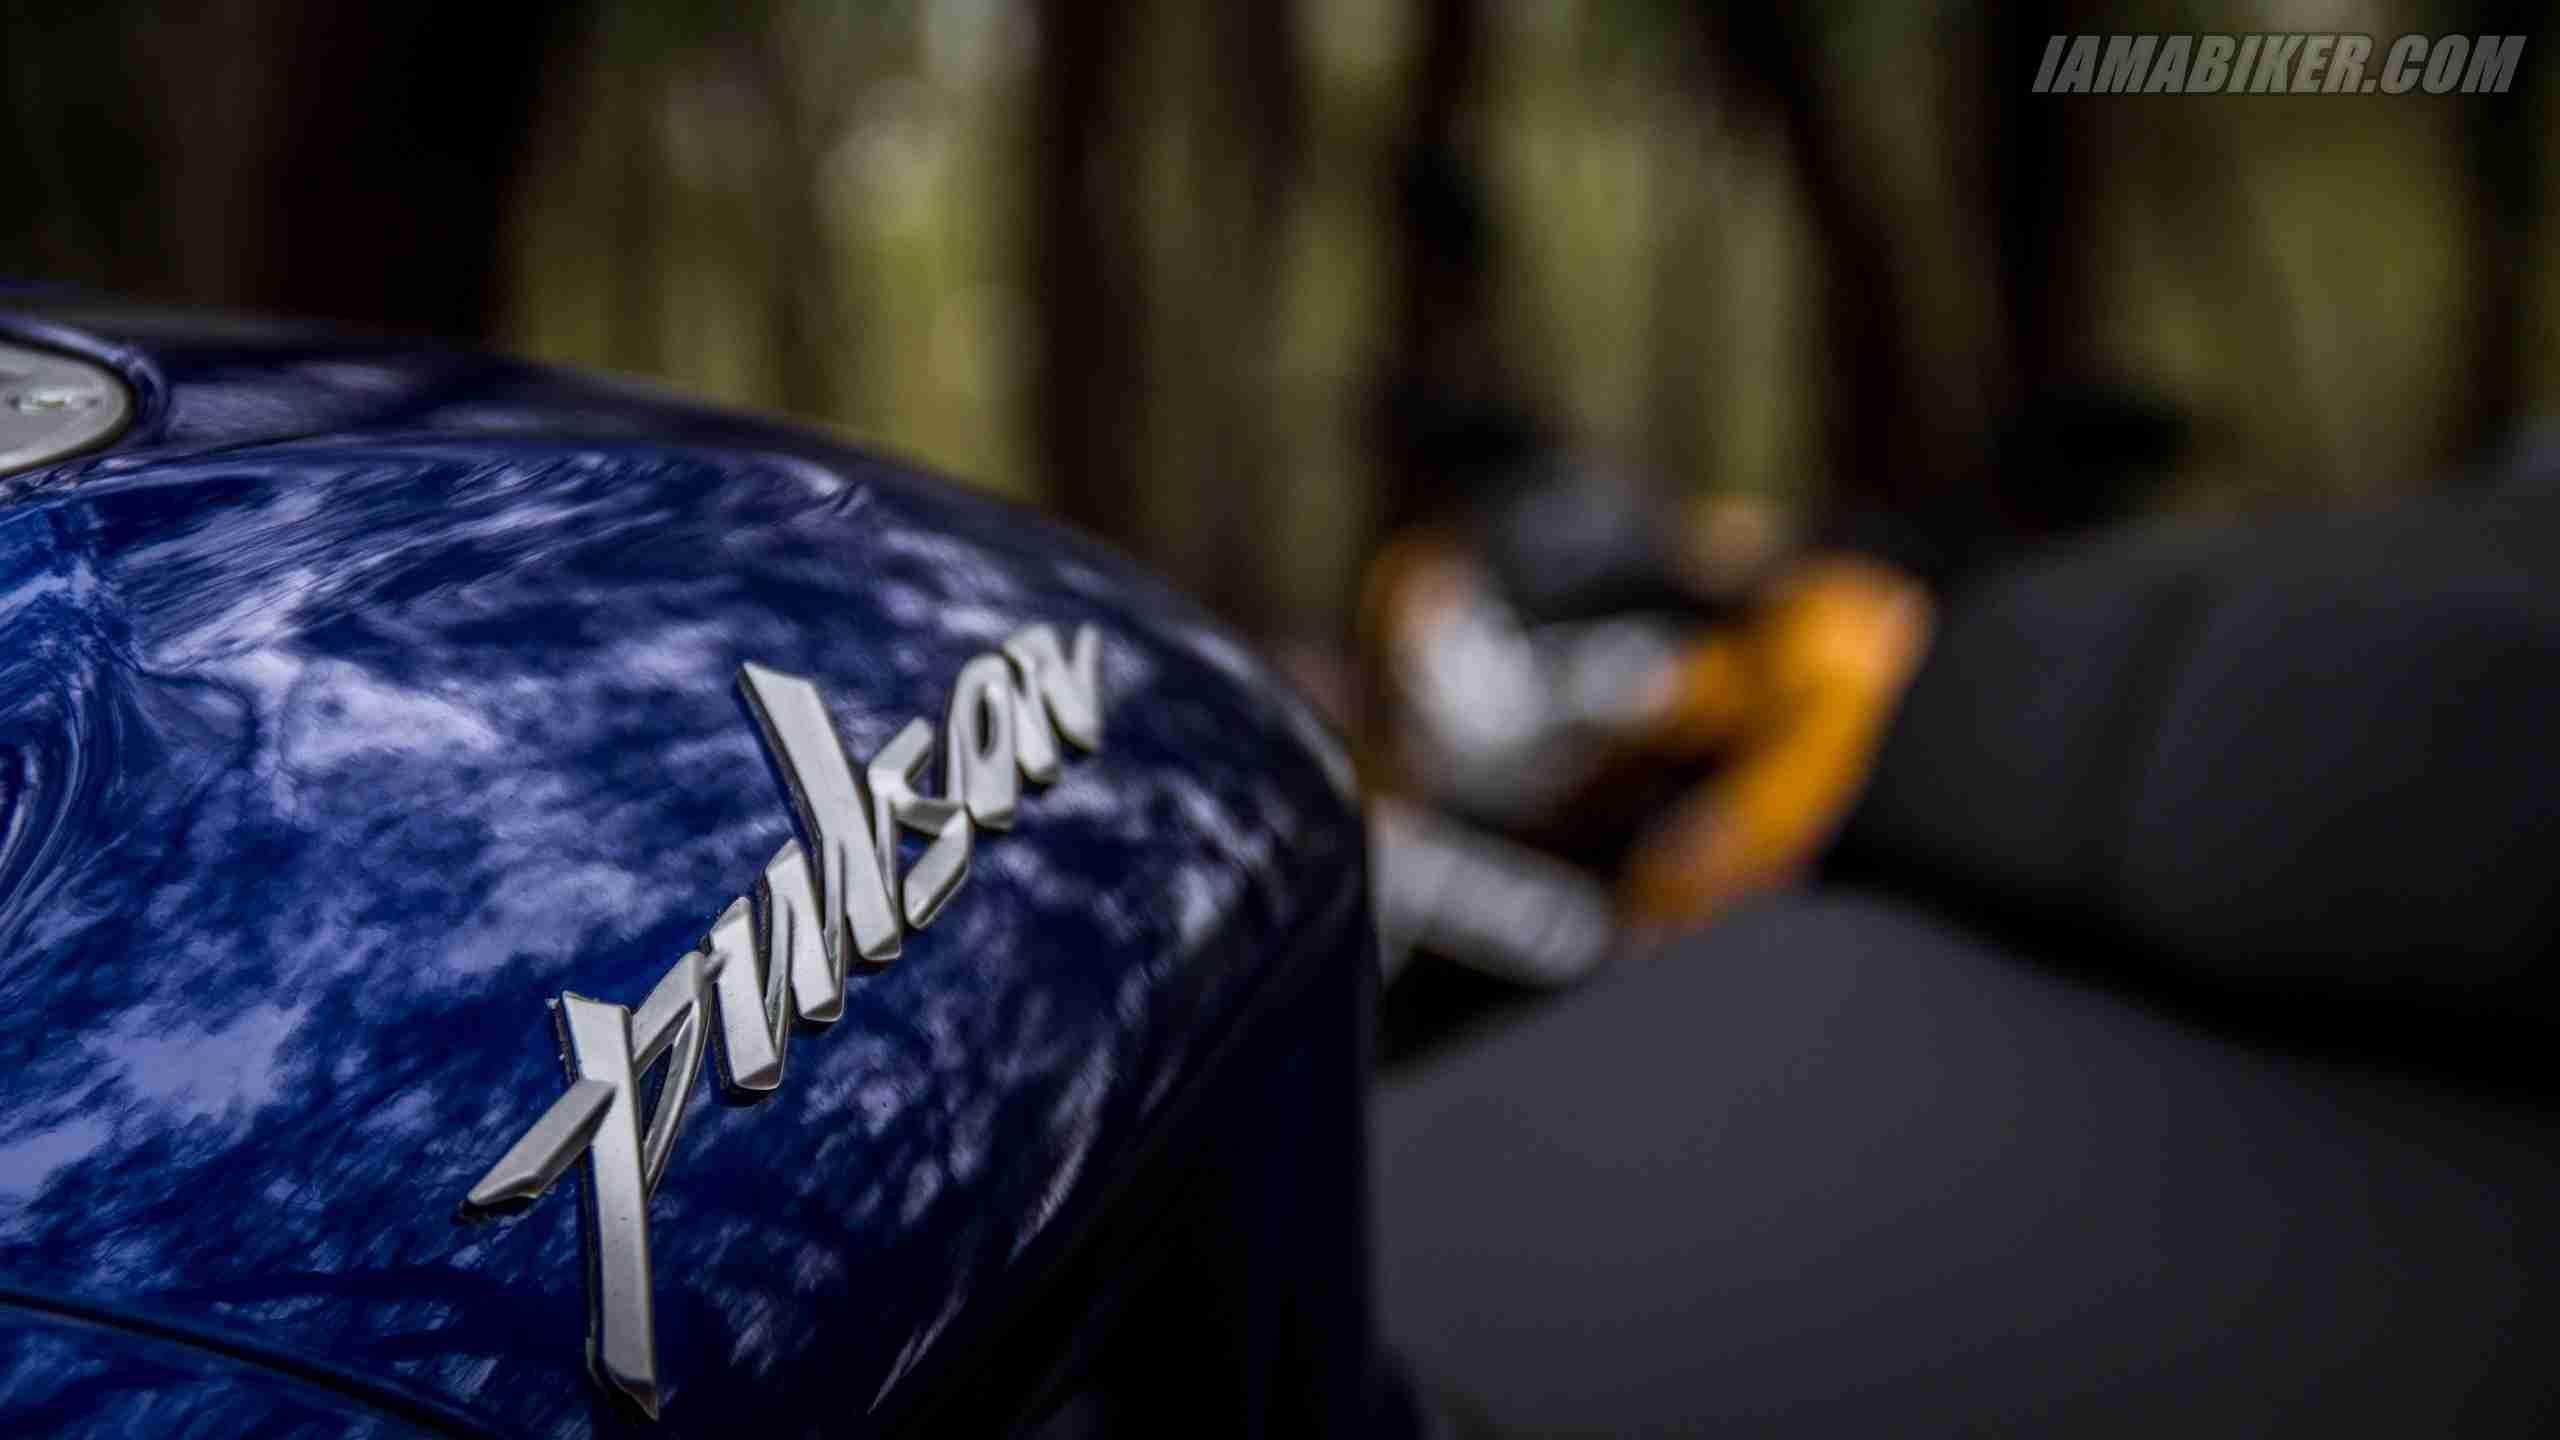 Pulsar 200NS HD Wallpapers